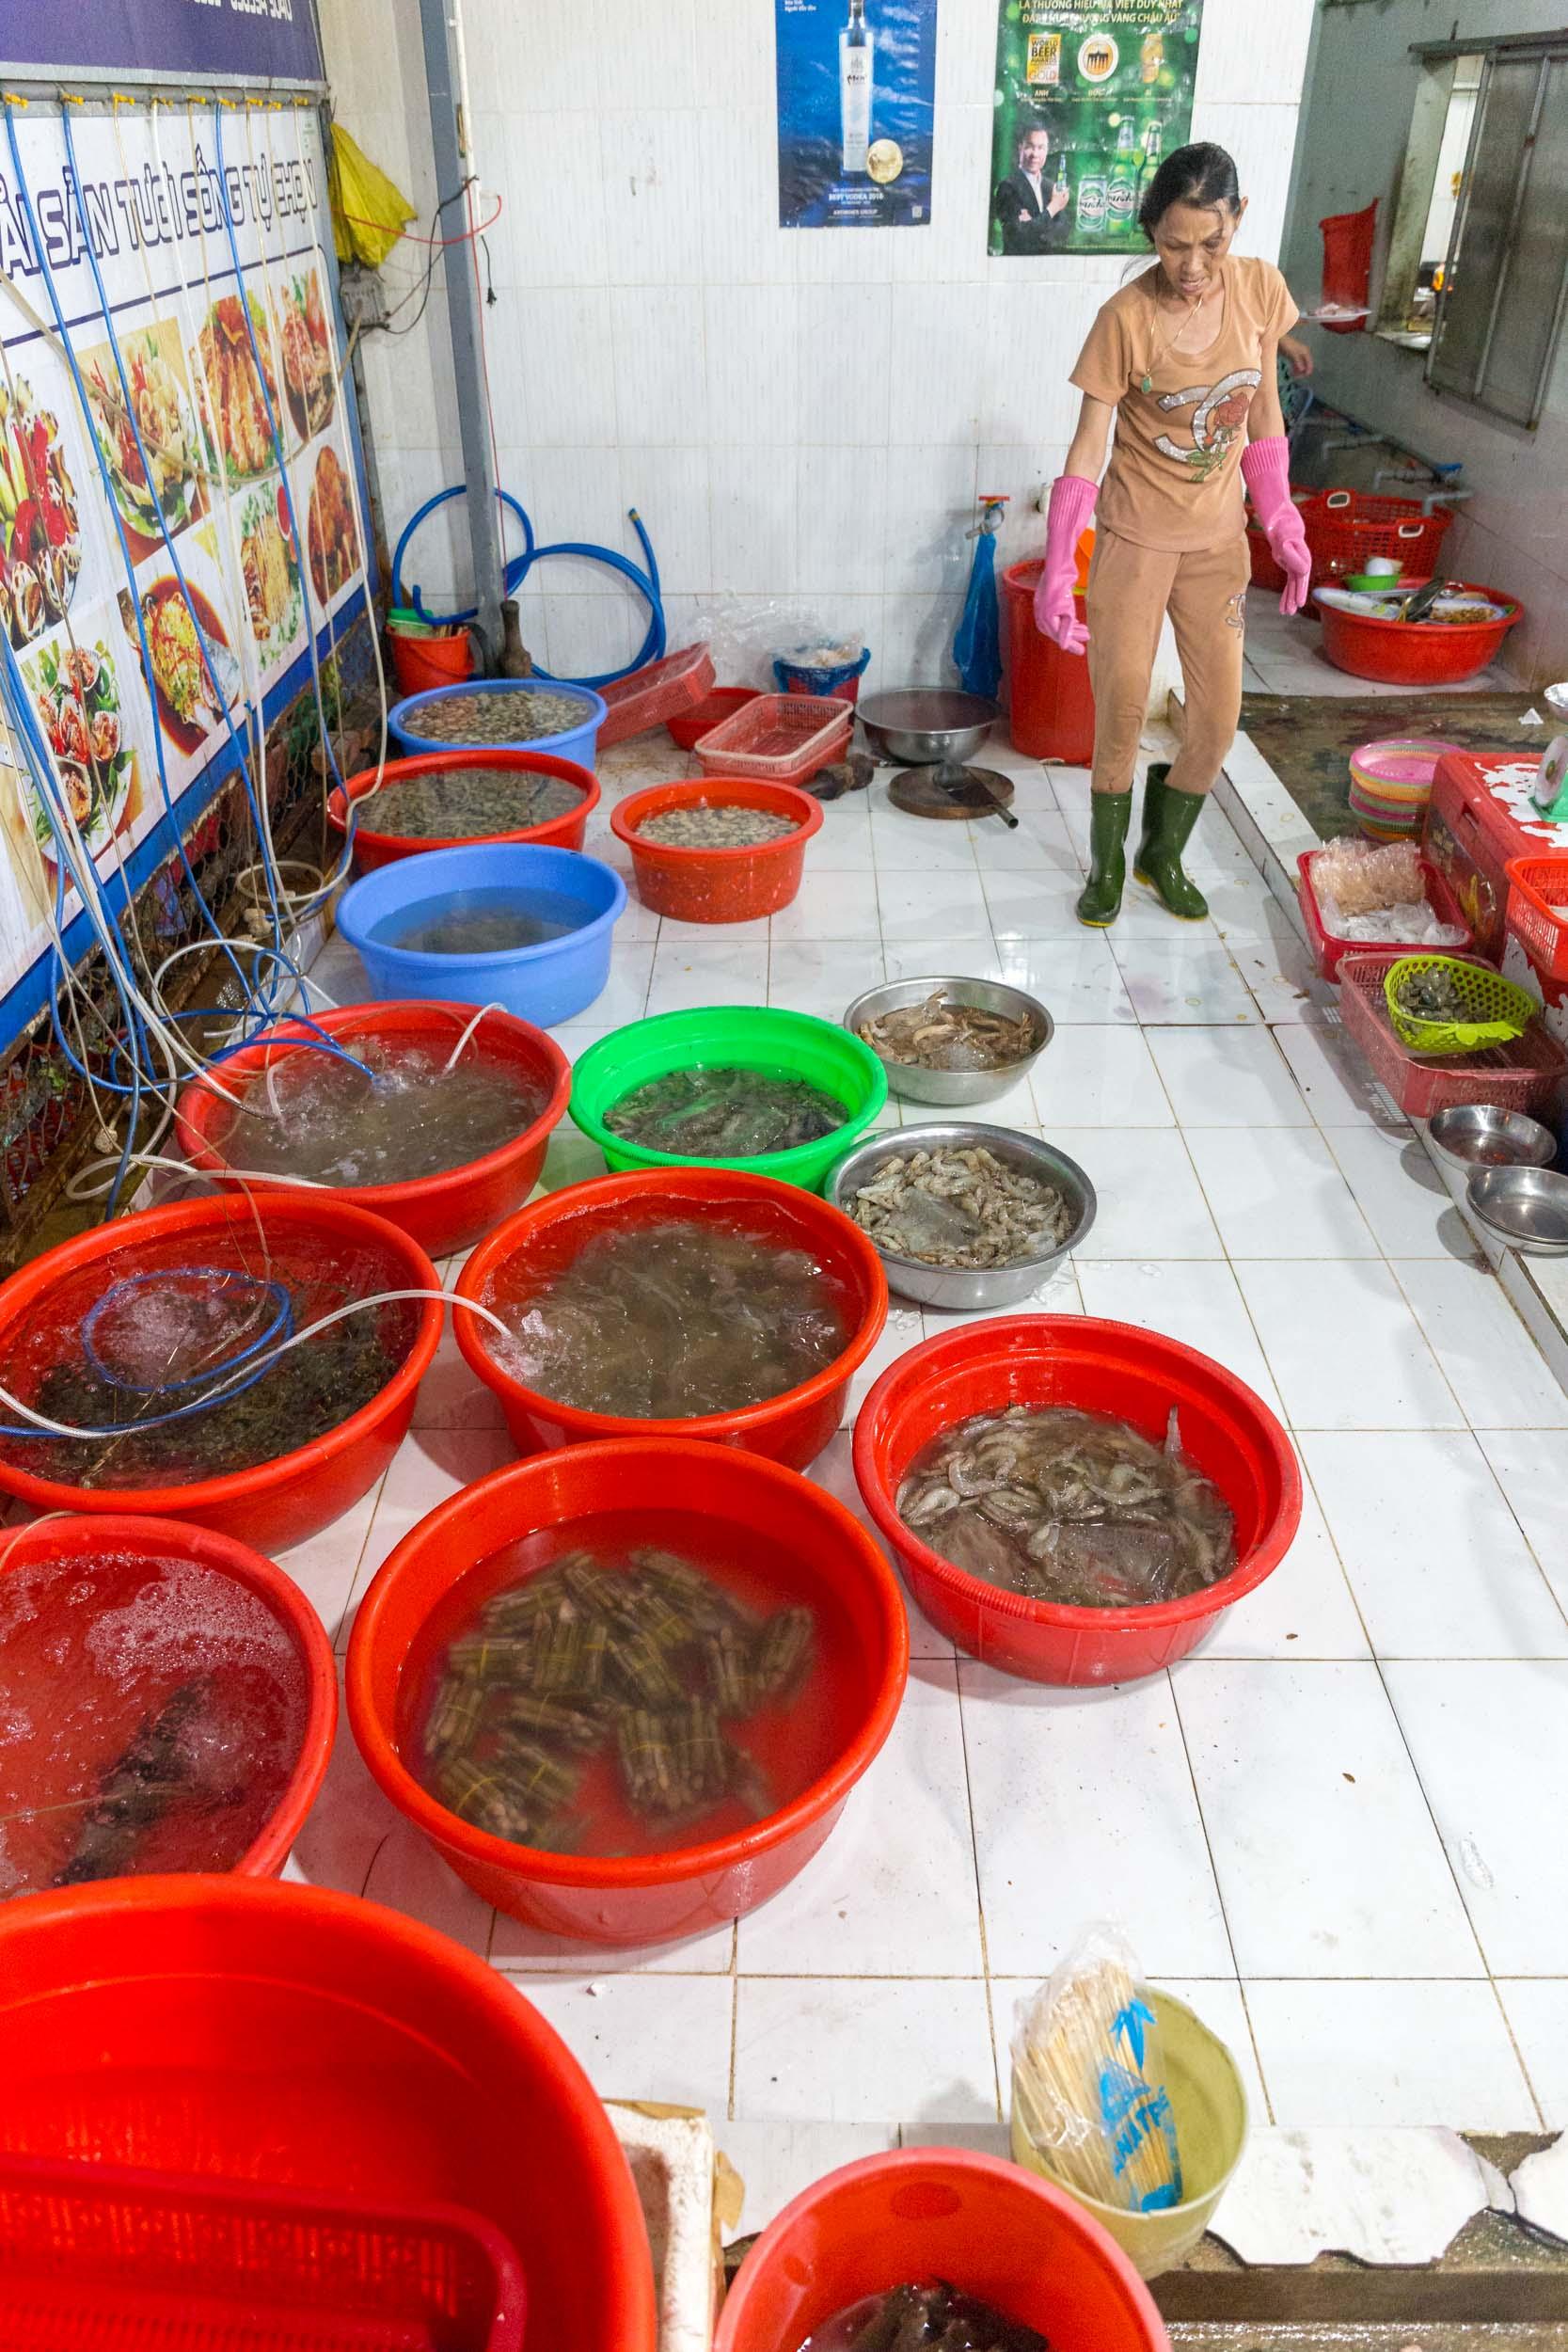 Fresh fish buckets at Hải sản Bà Rô, Seafood Restaurant Da Nang, Vietnam.